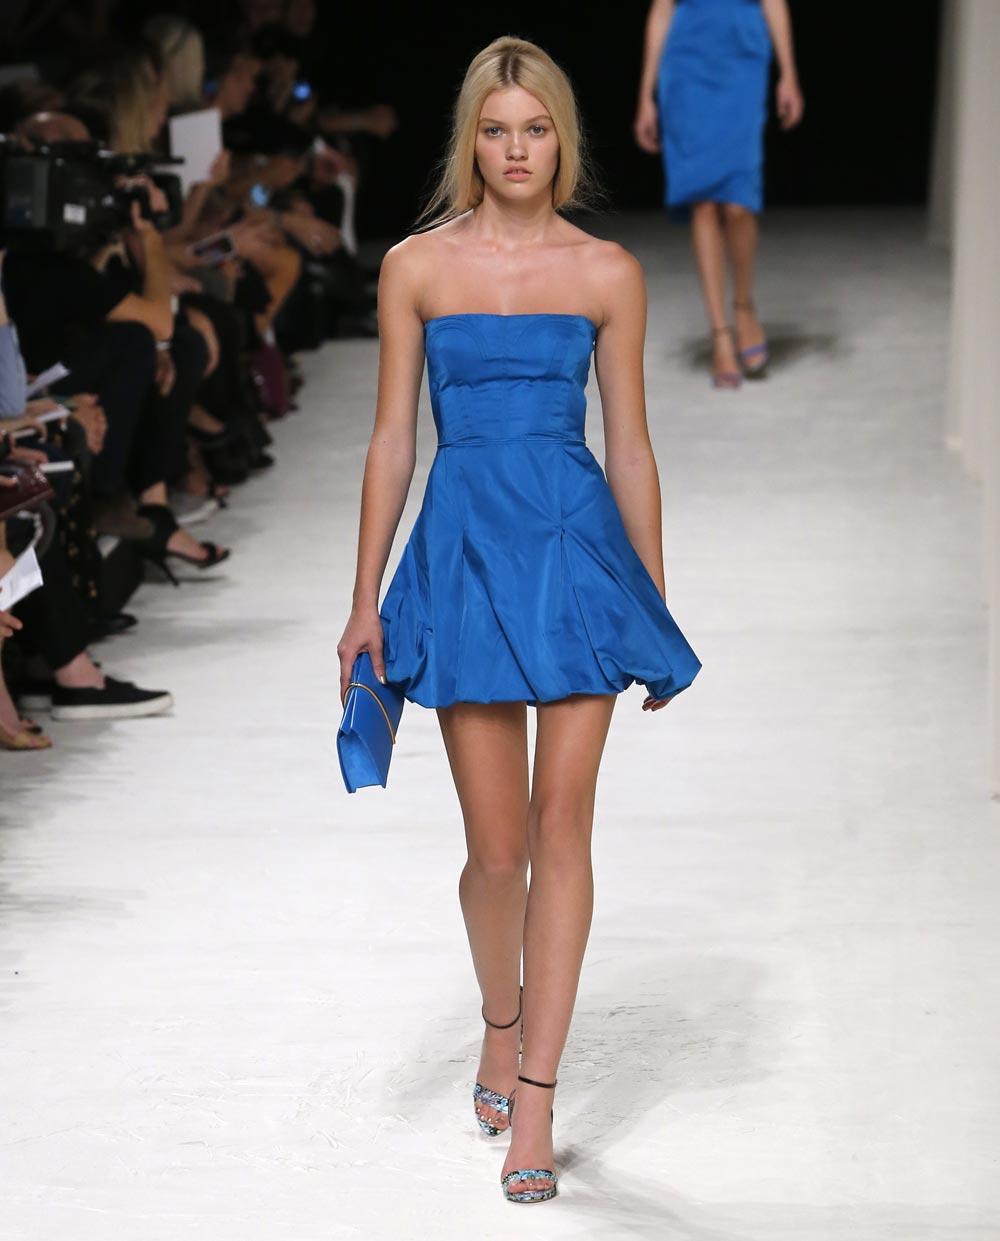 पेरिस में फैशन वीक के दौरान रैंप पर चलती एक मॉडल।